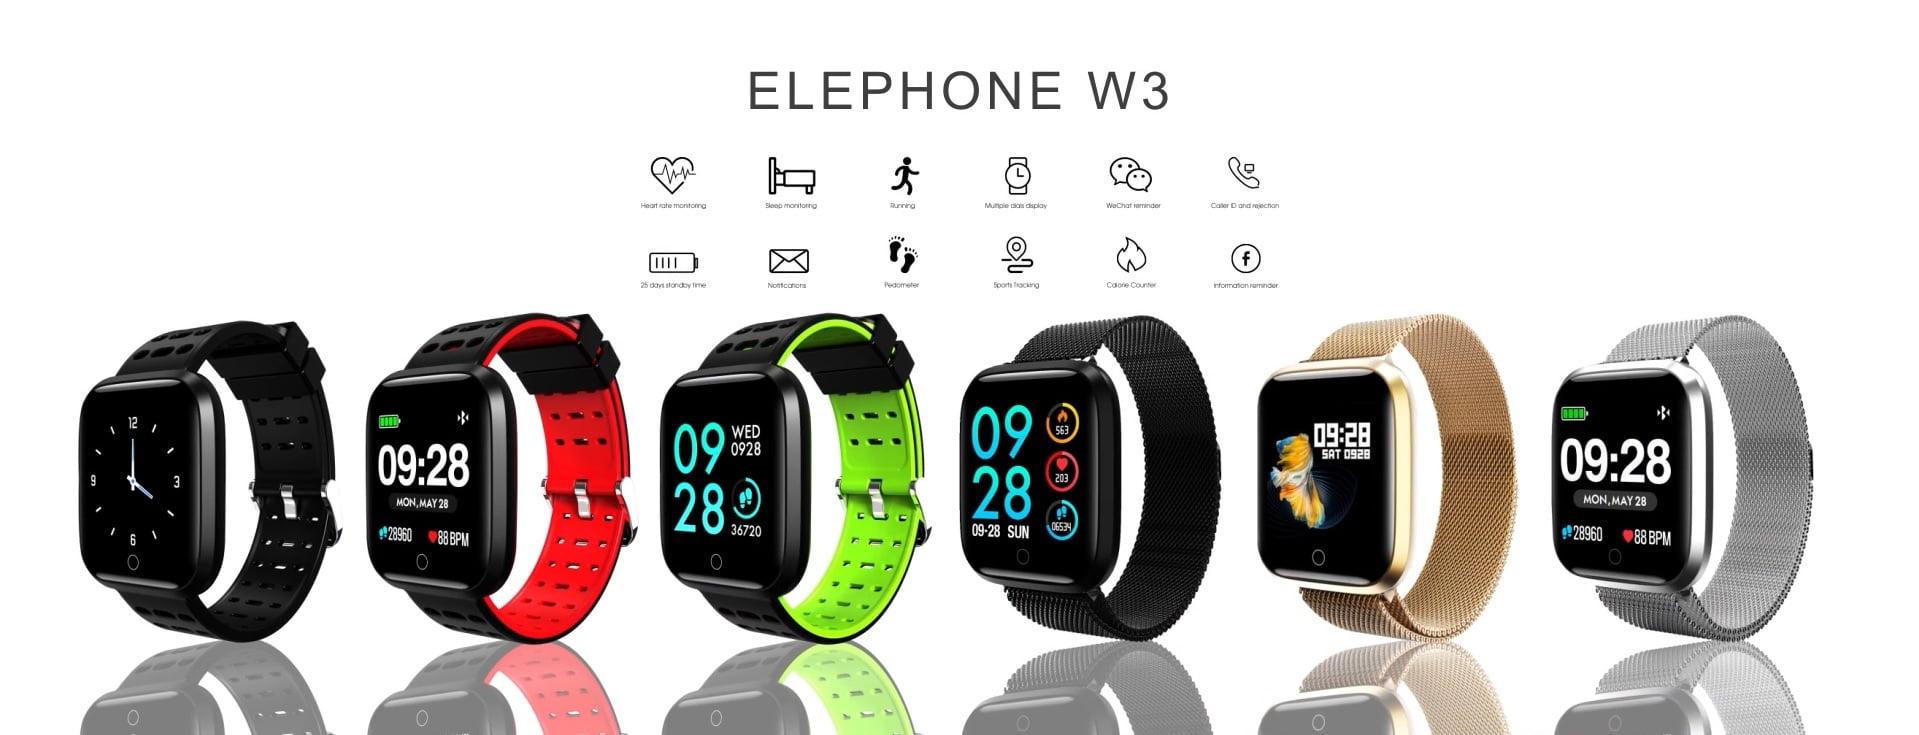 Elephone zbiera na Indiegogo pieniądze na nowy smartwatch, ale producent trochę przesadził z ceną 24